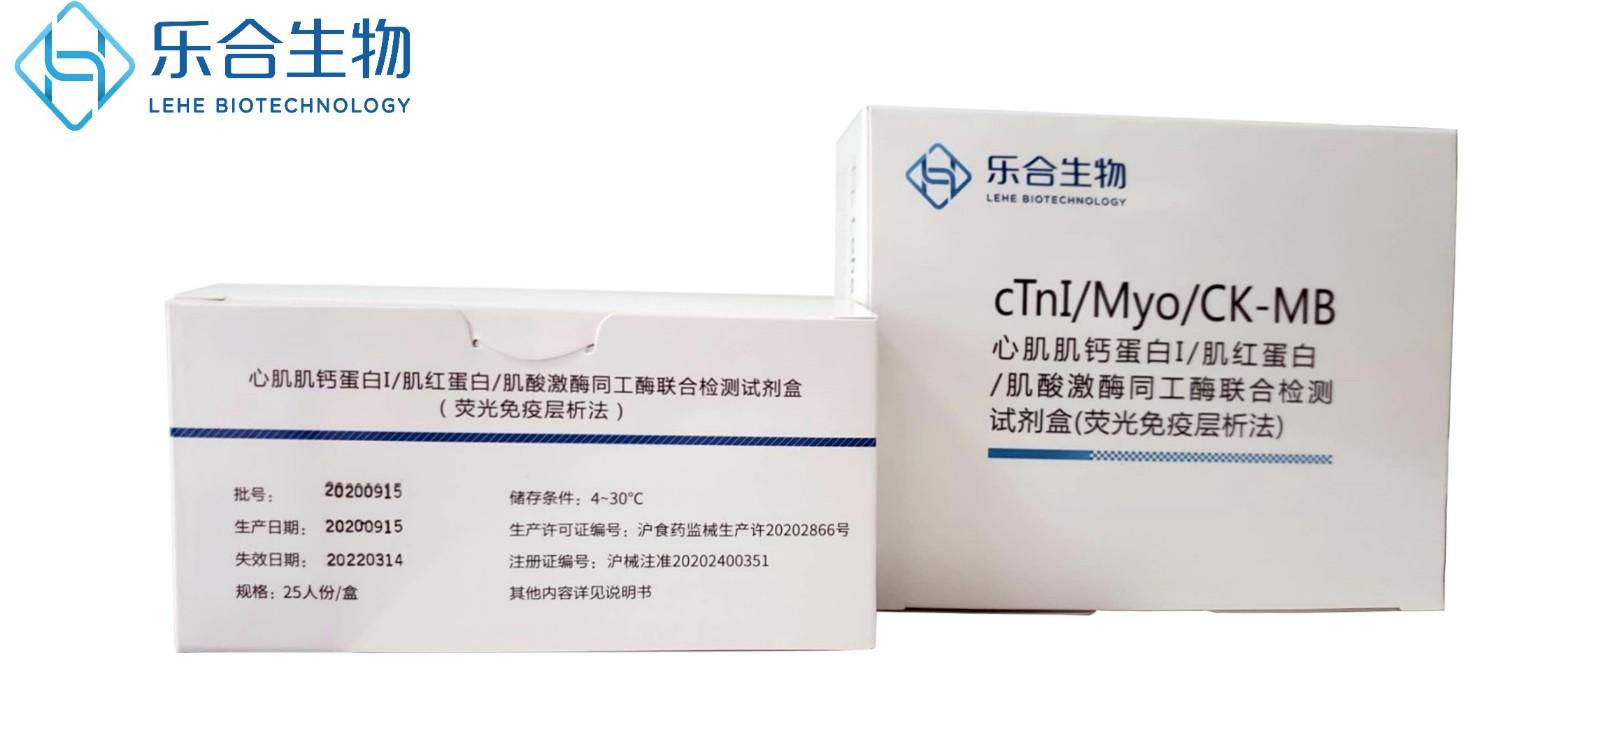 CTNI+MYO+CKMB